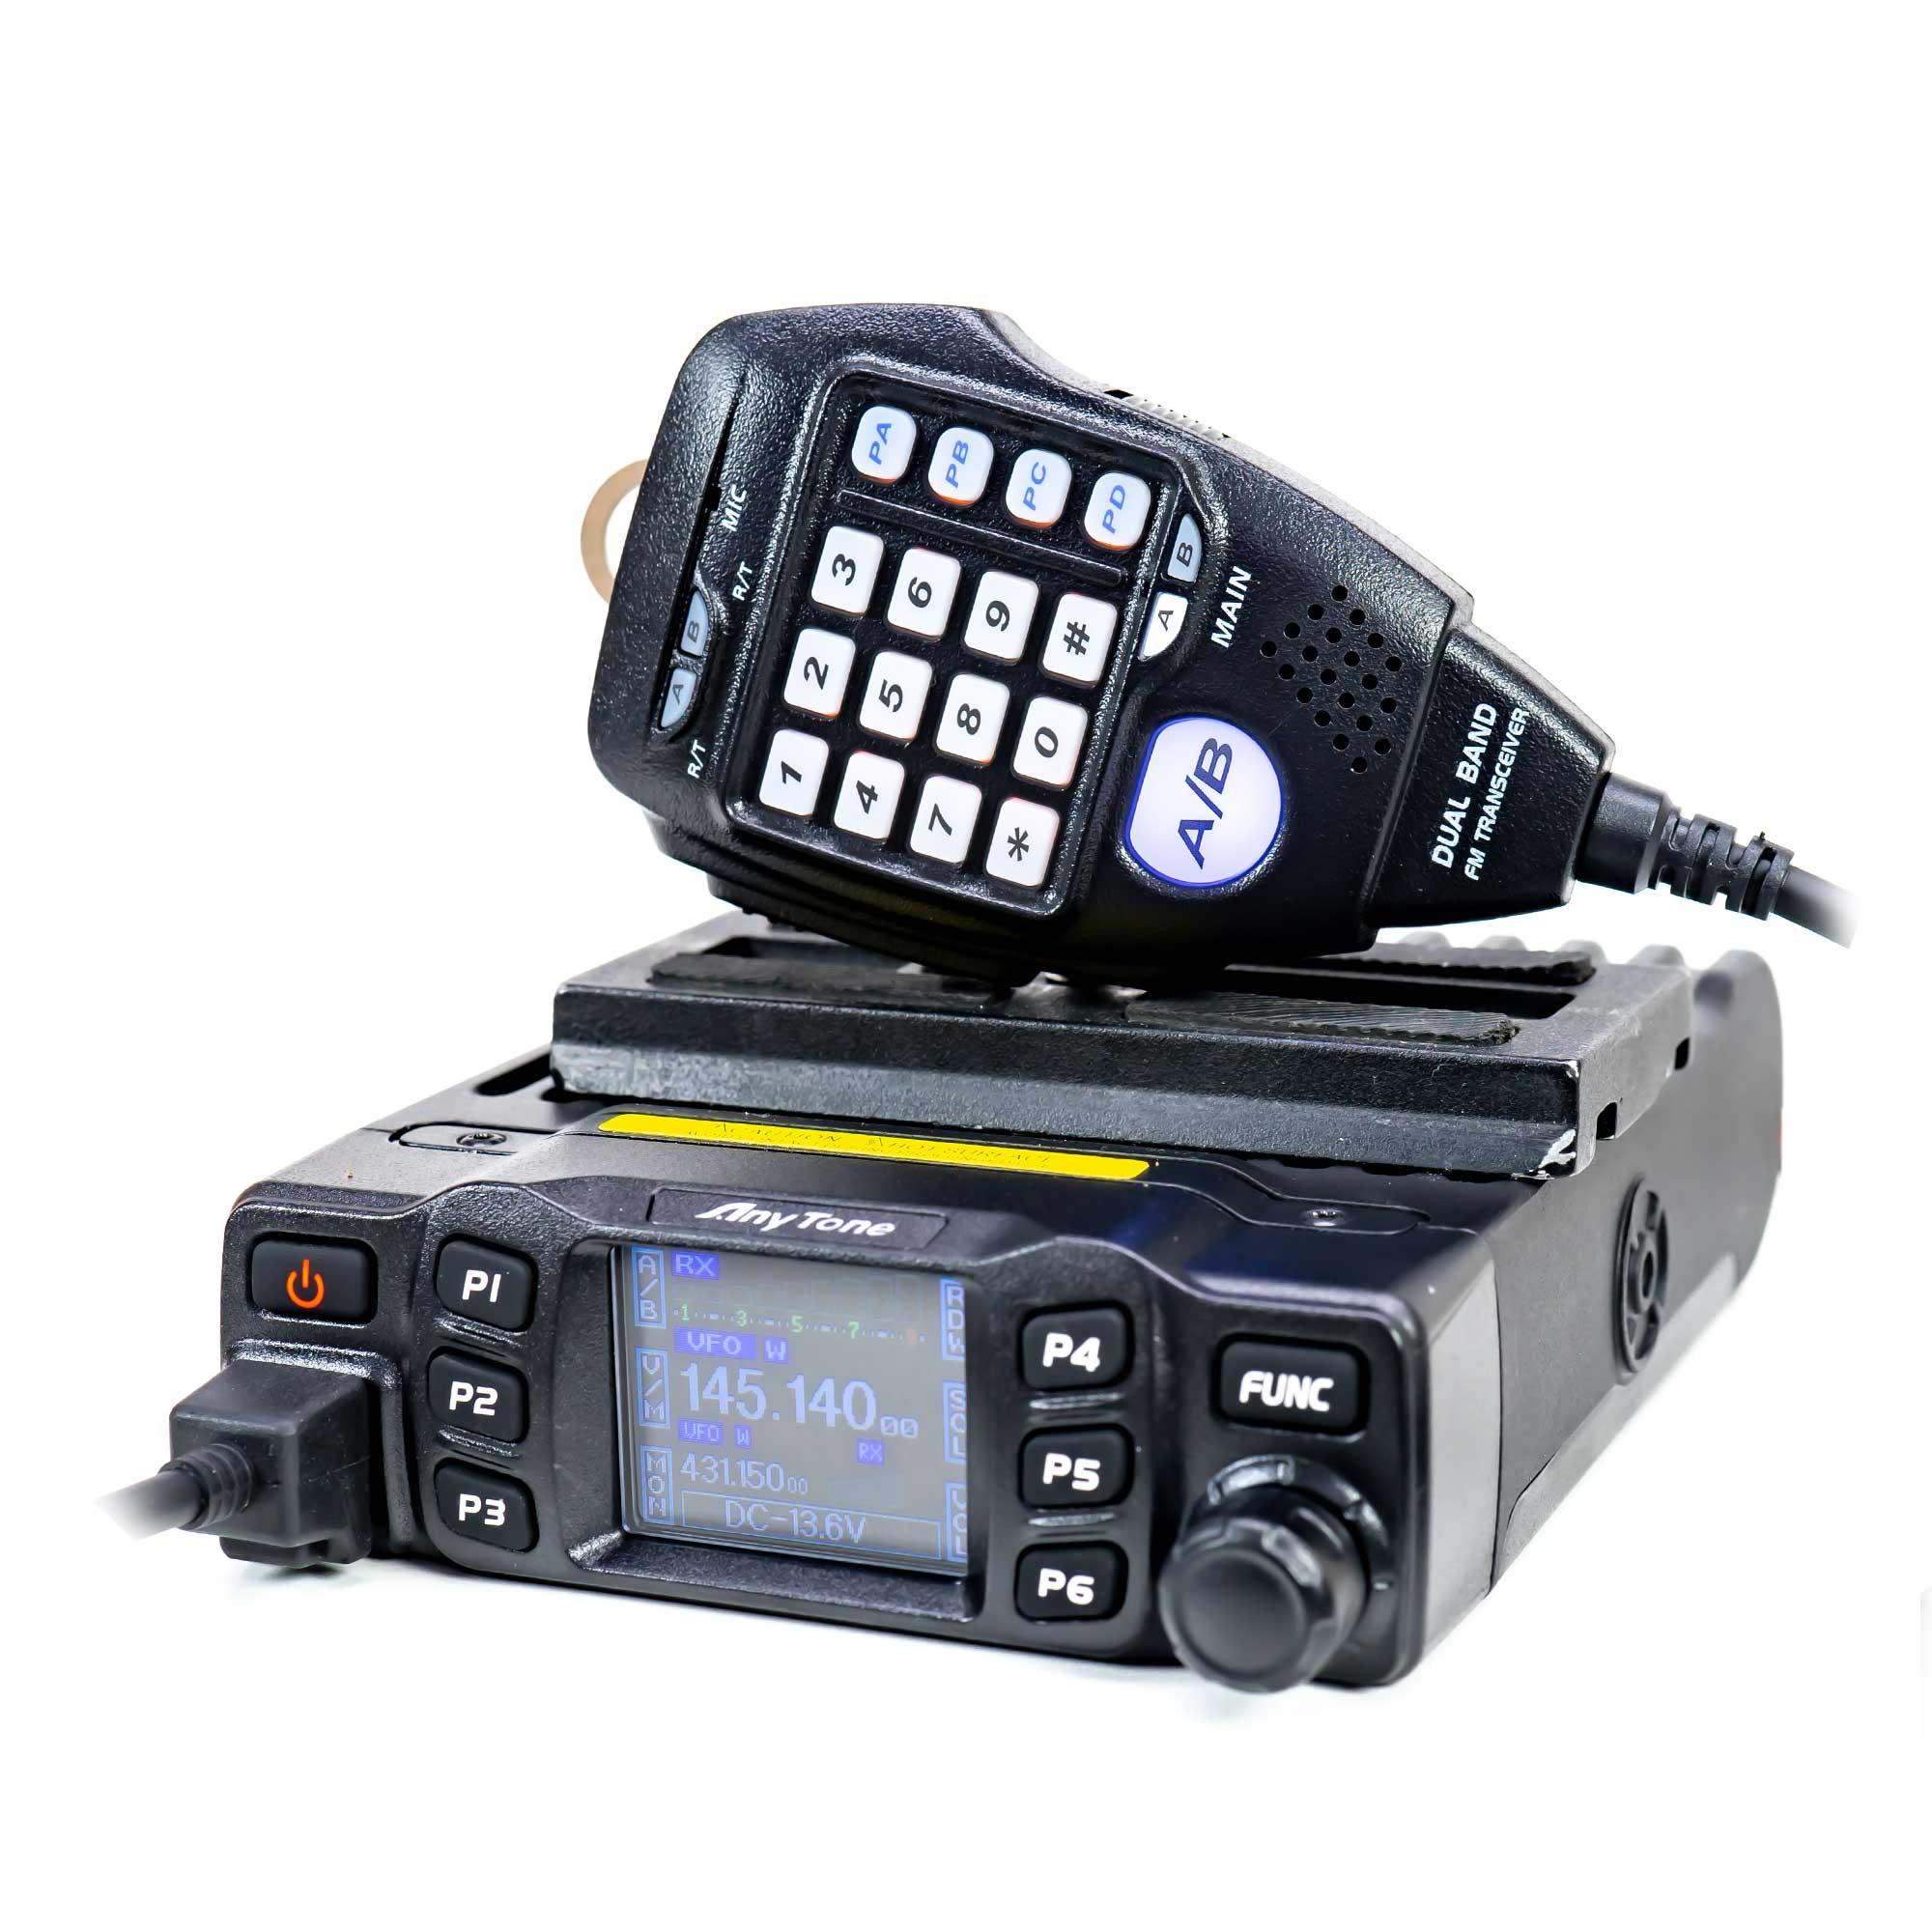 Fotografie Statie radio VHF/UHF PNI Anytone AT-778UV dual band 144-146MHz/430-440Mhz